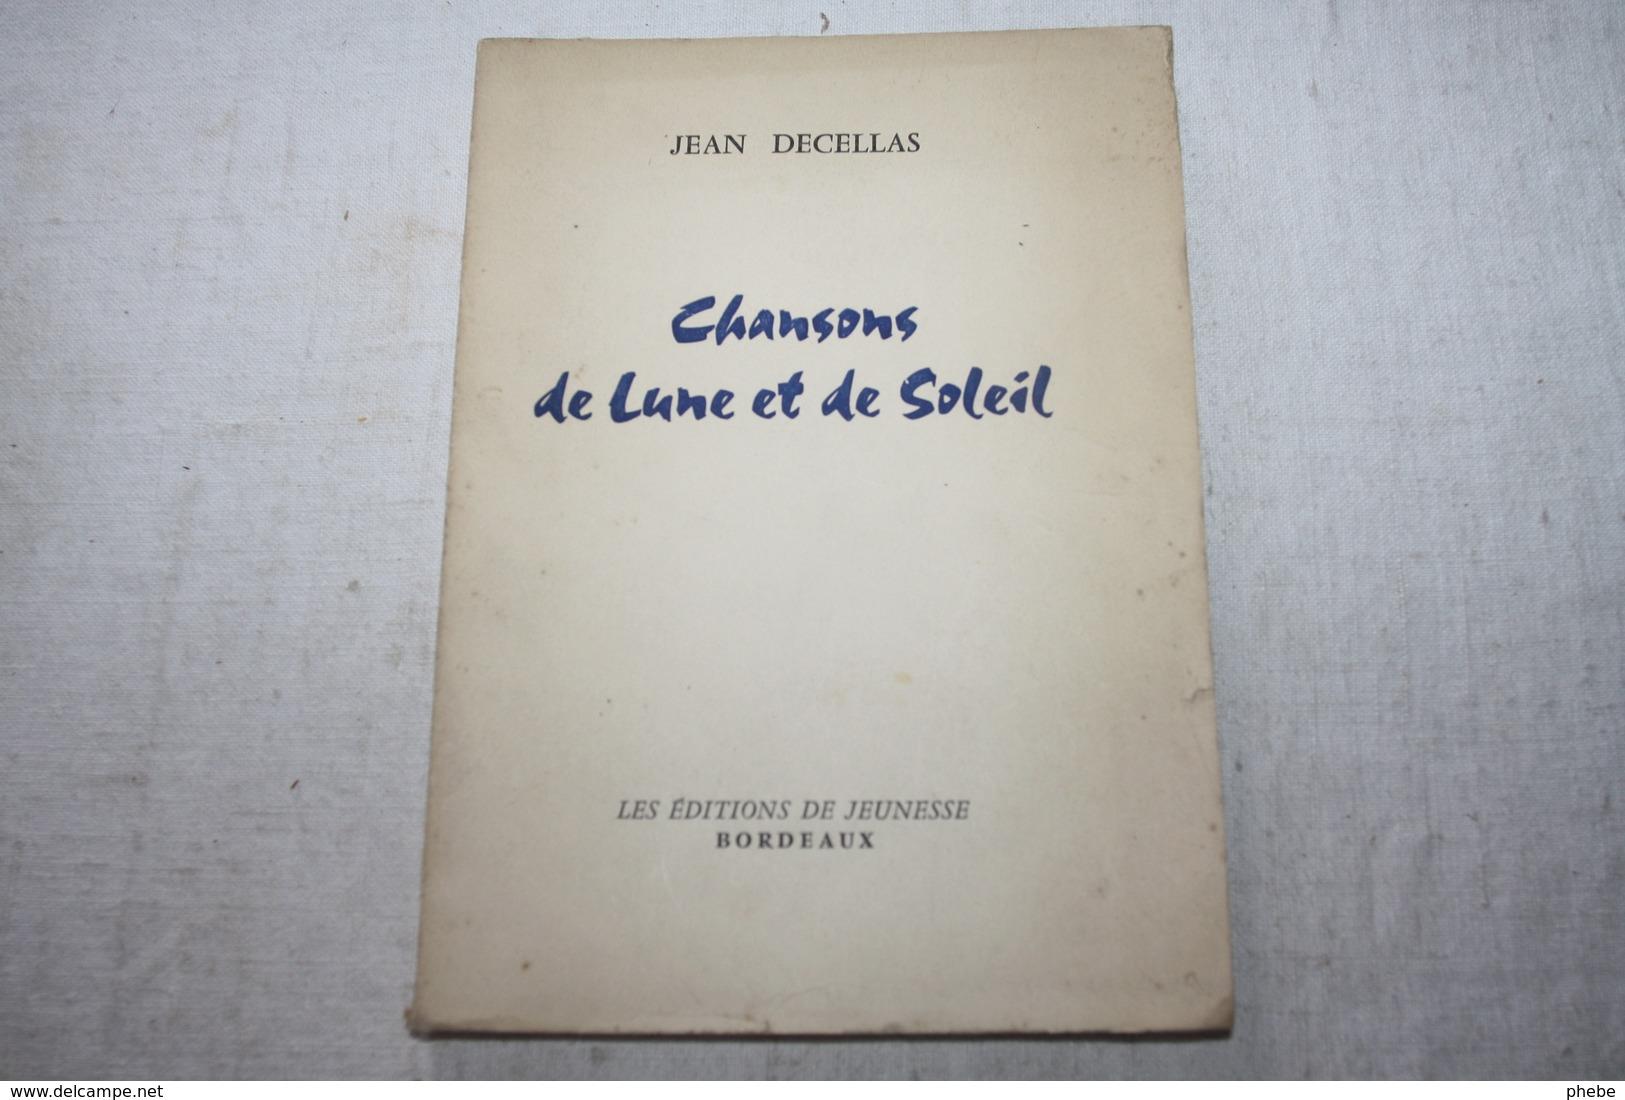 DECELLAS / Chansons De Lune Et De Soleil - Poésie